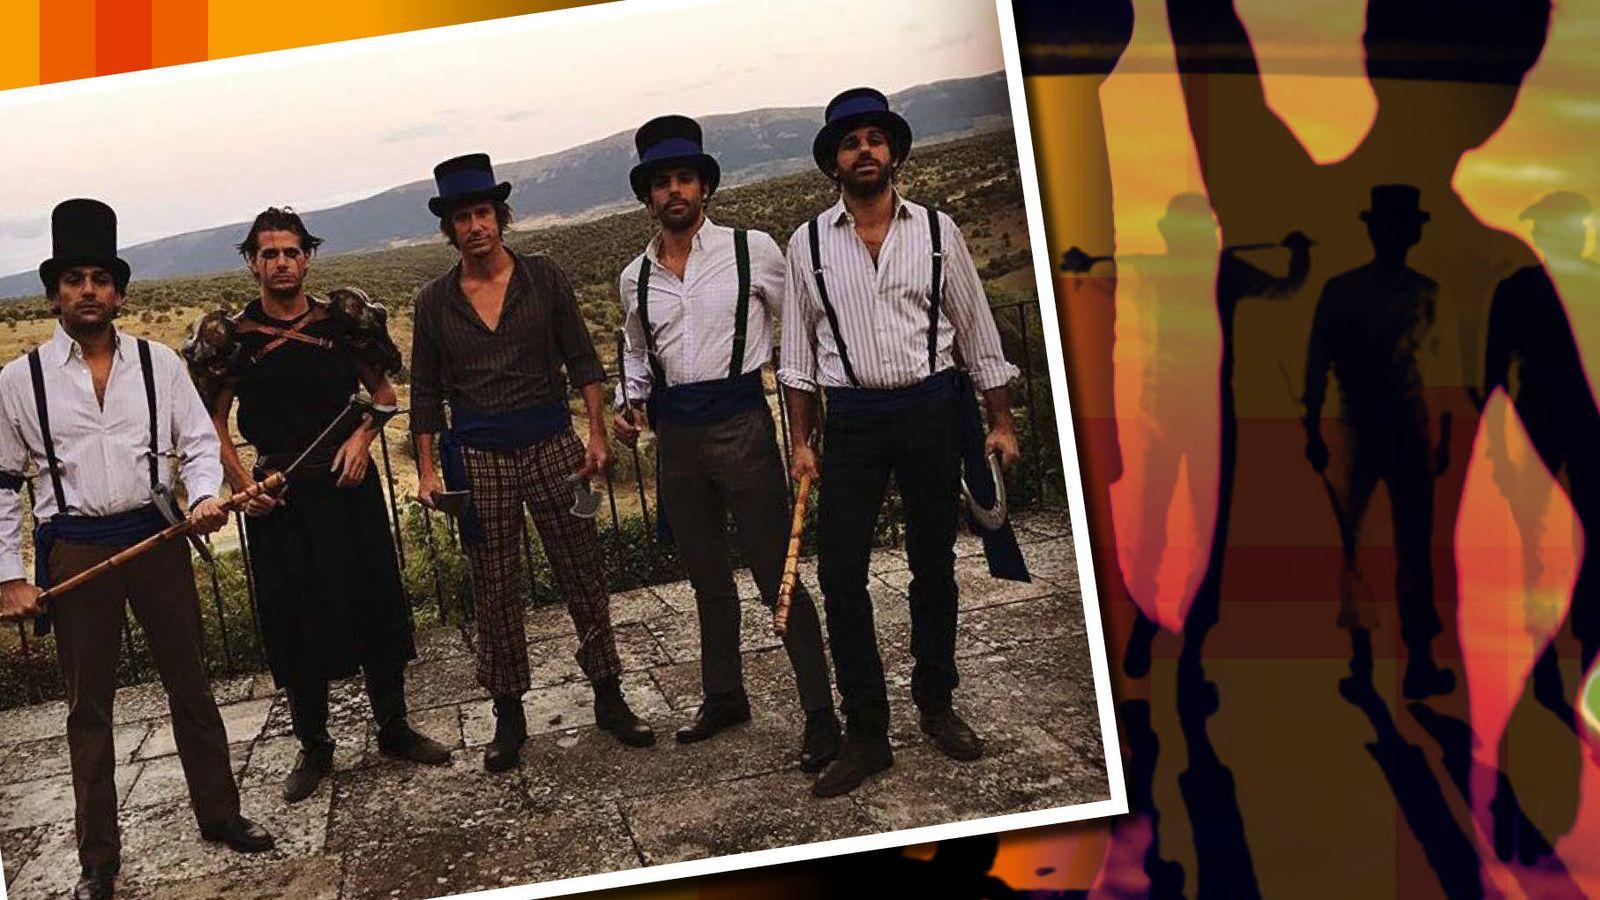 Foto: Alonso Aznar, Felipe Cortina, Alvaro Falcó y Curro Caravaca, en un fotomontaje elaborado por Vanitatis.